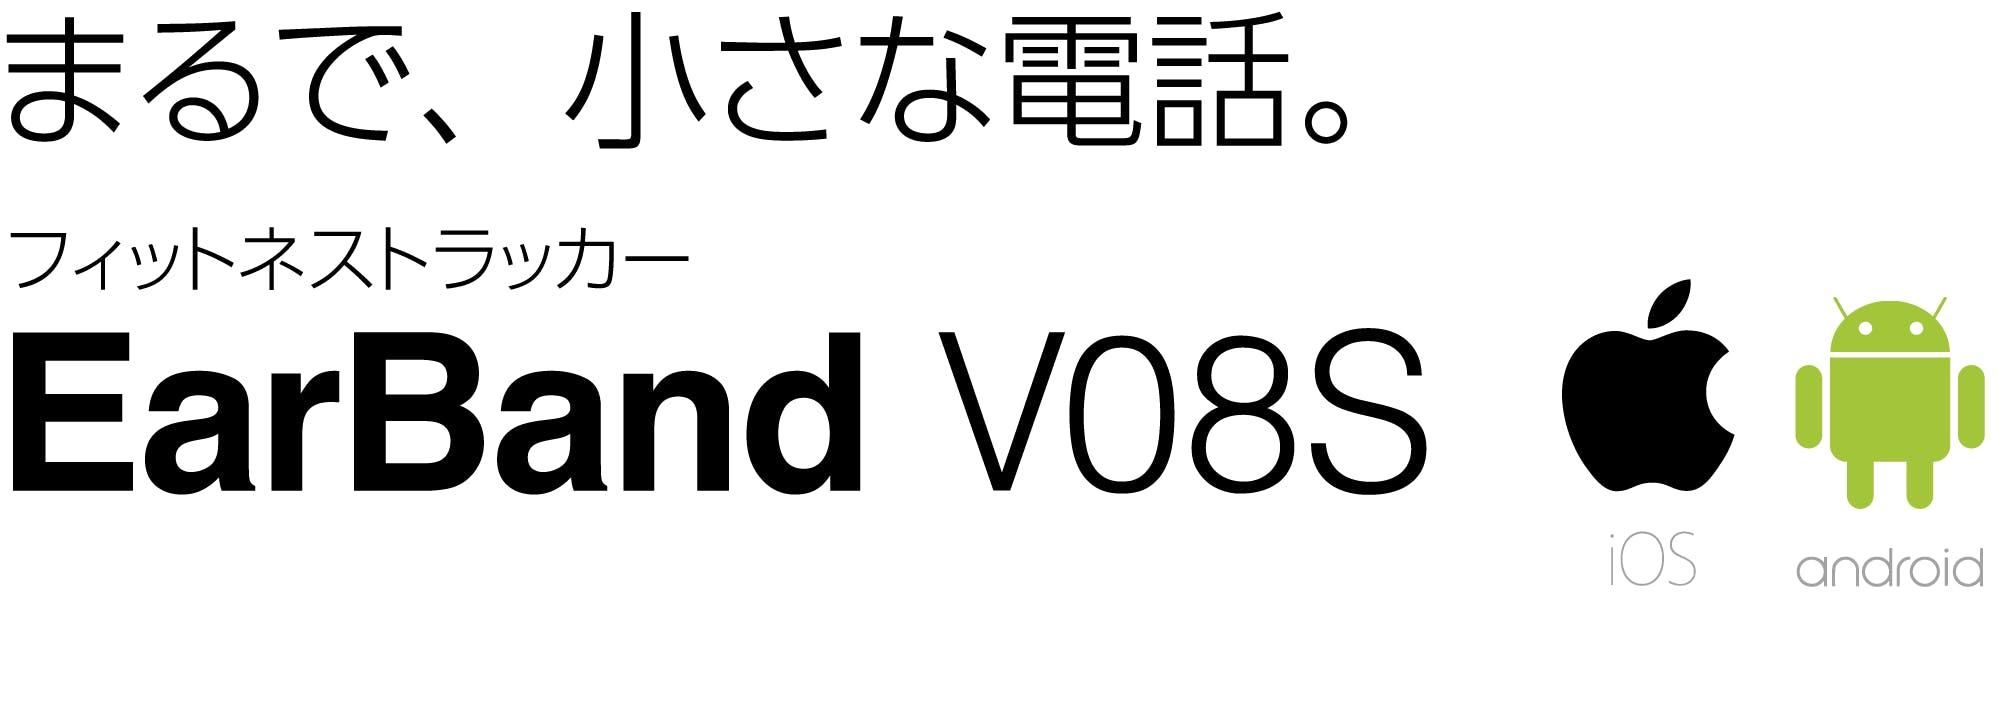 まるで小さな電話。V08S